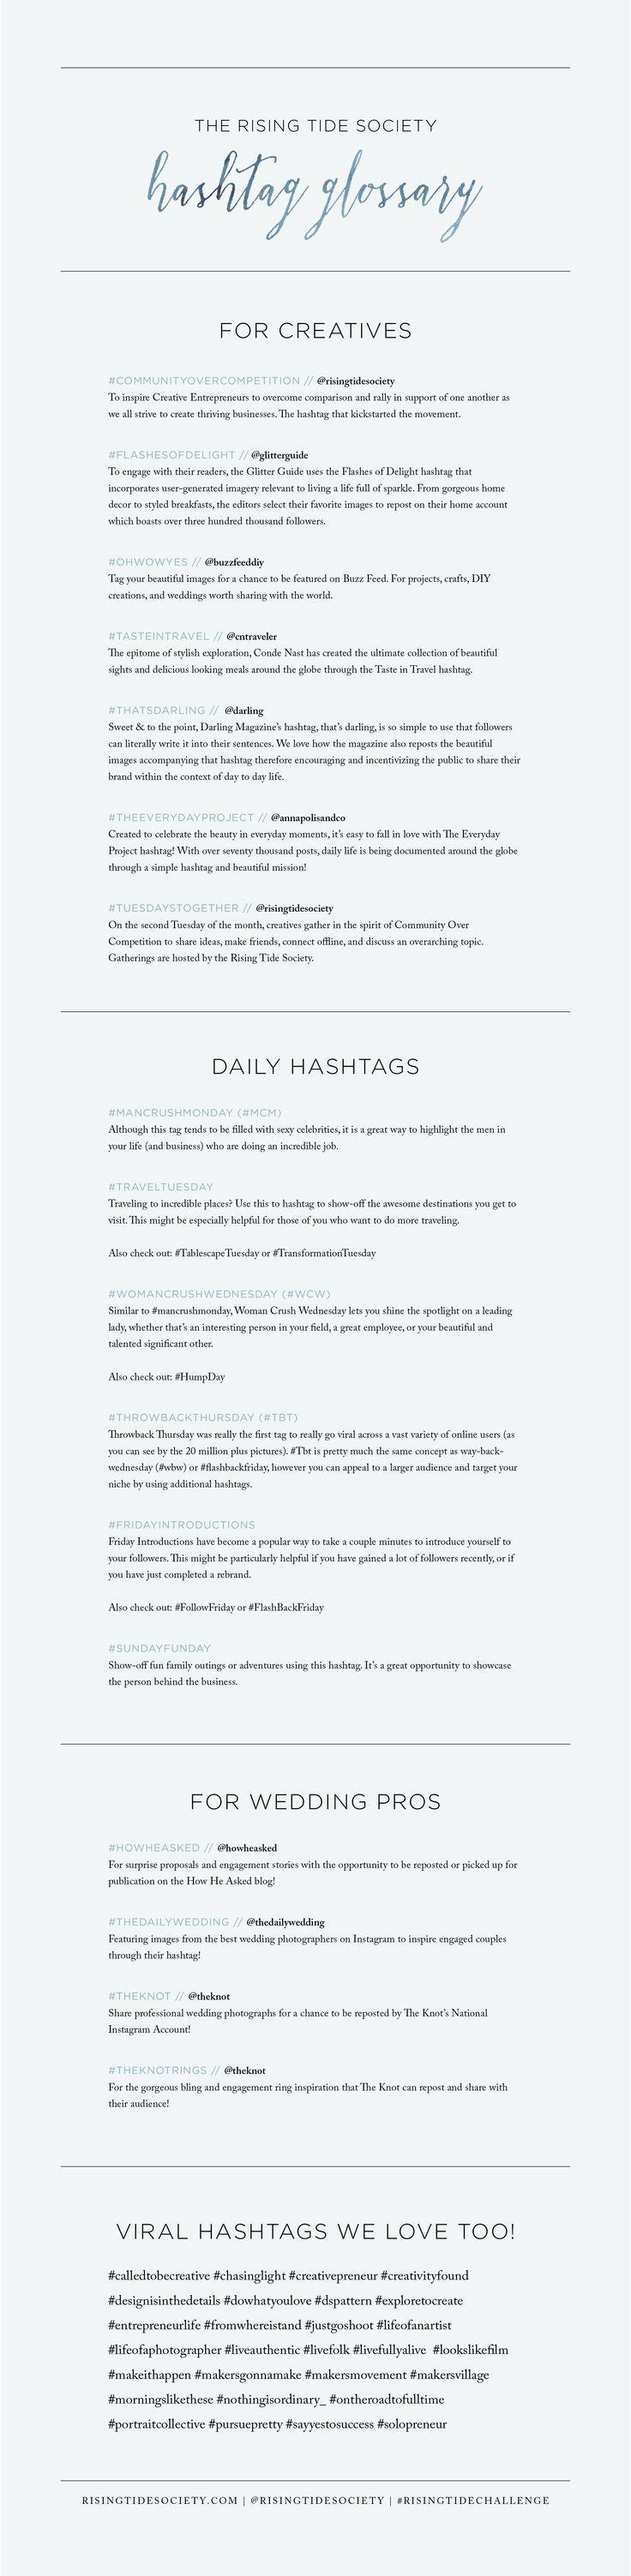 A Full List of Instagram Hashtags for Creative Entrepreneurs via The Rising Tide Society // #creatives #instagram